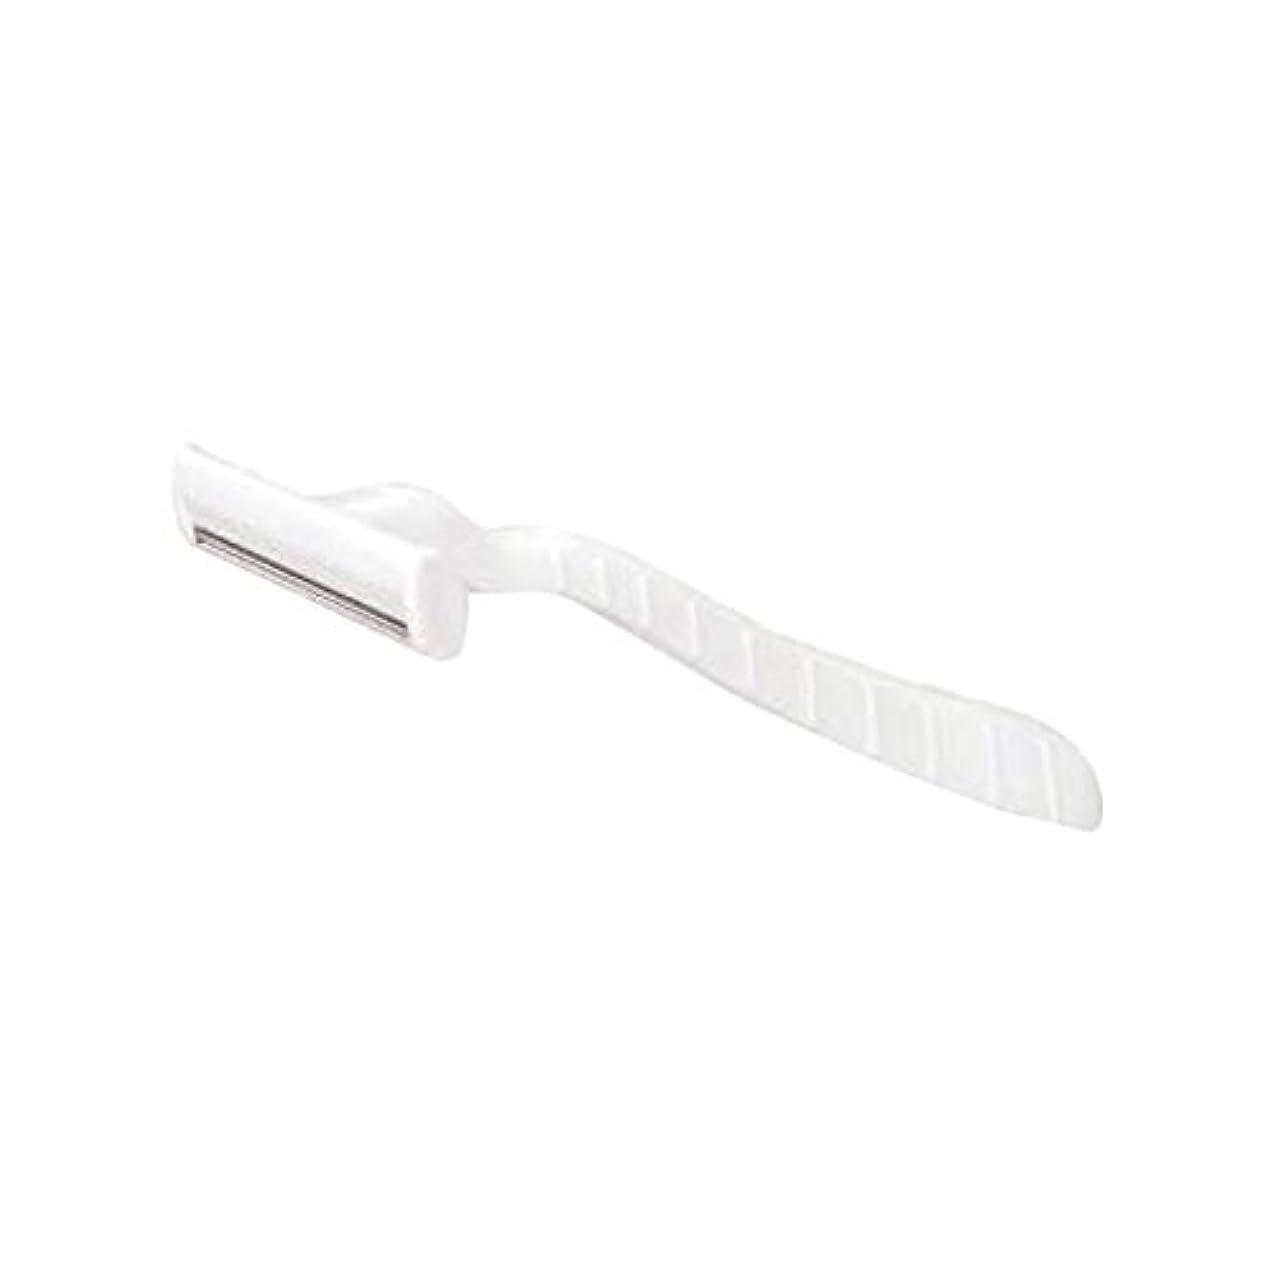 ブースグッゲンハイム美術館受取人ホテル業務用シックカミソリ2枚刃(白)マット袋入り 10本